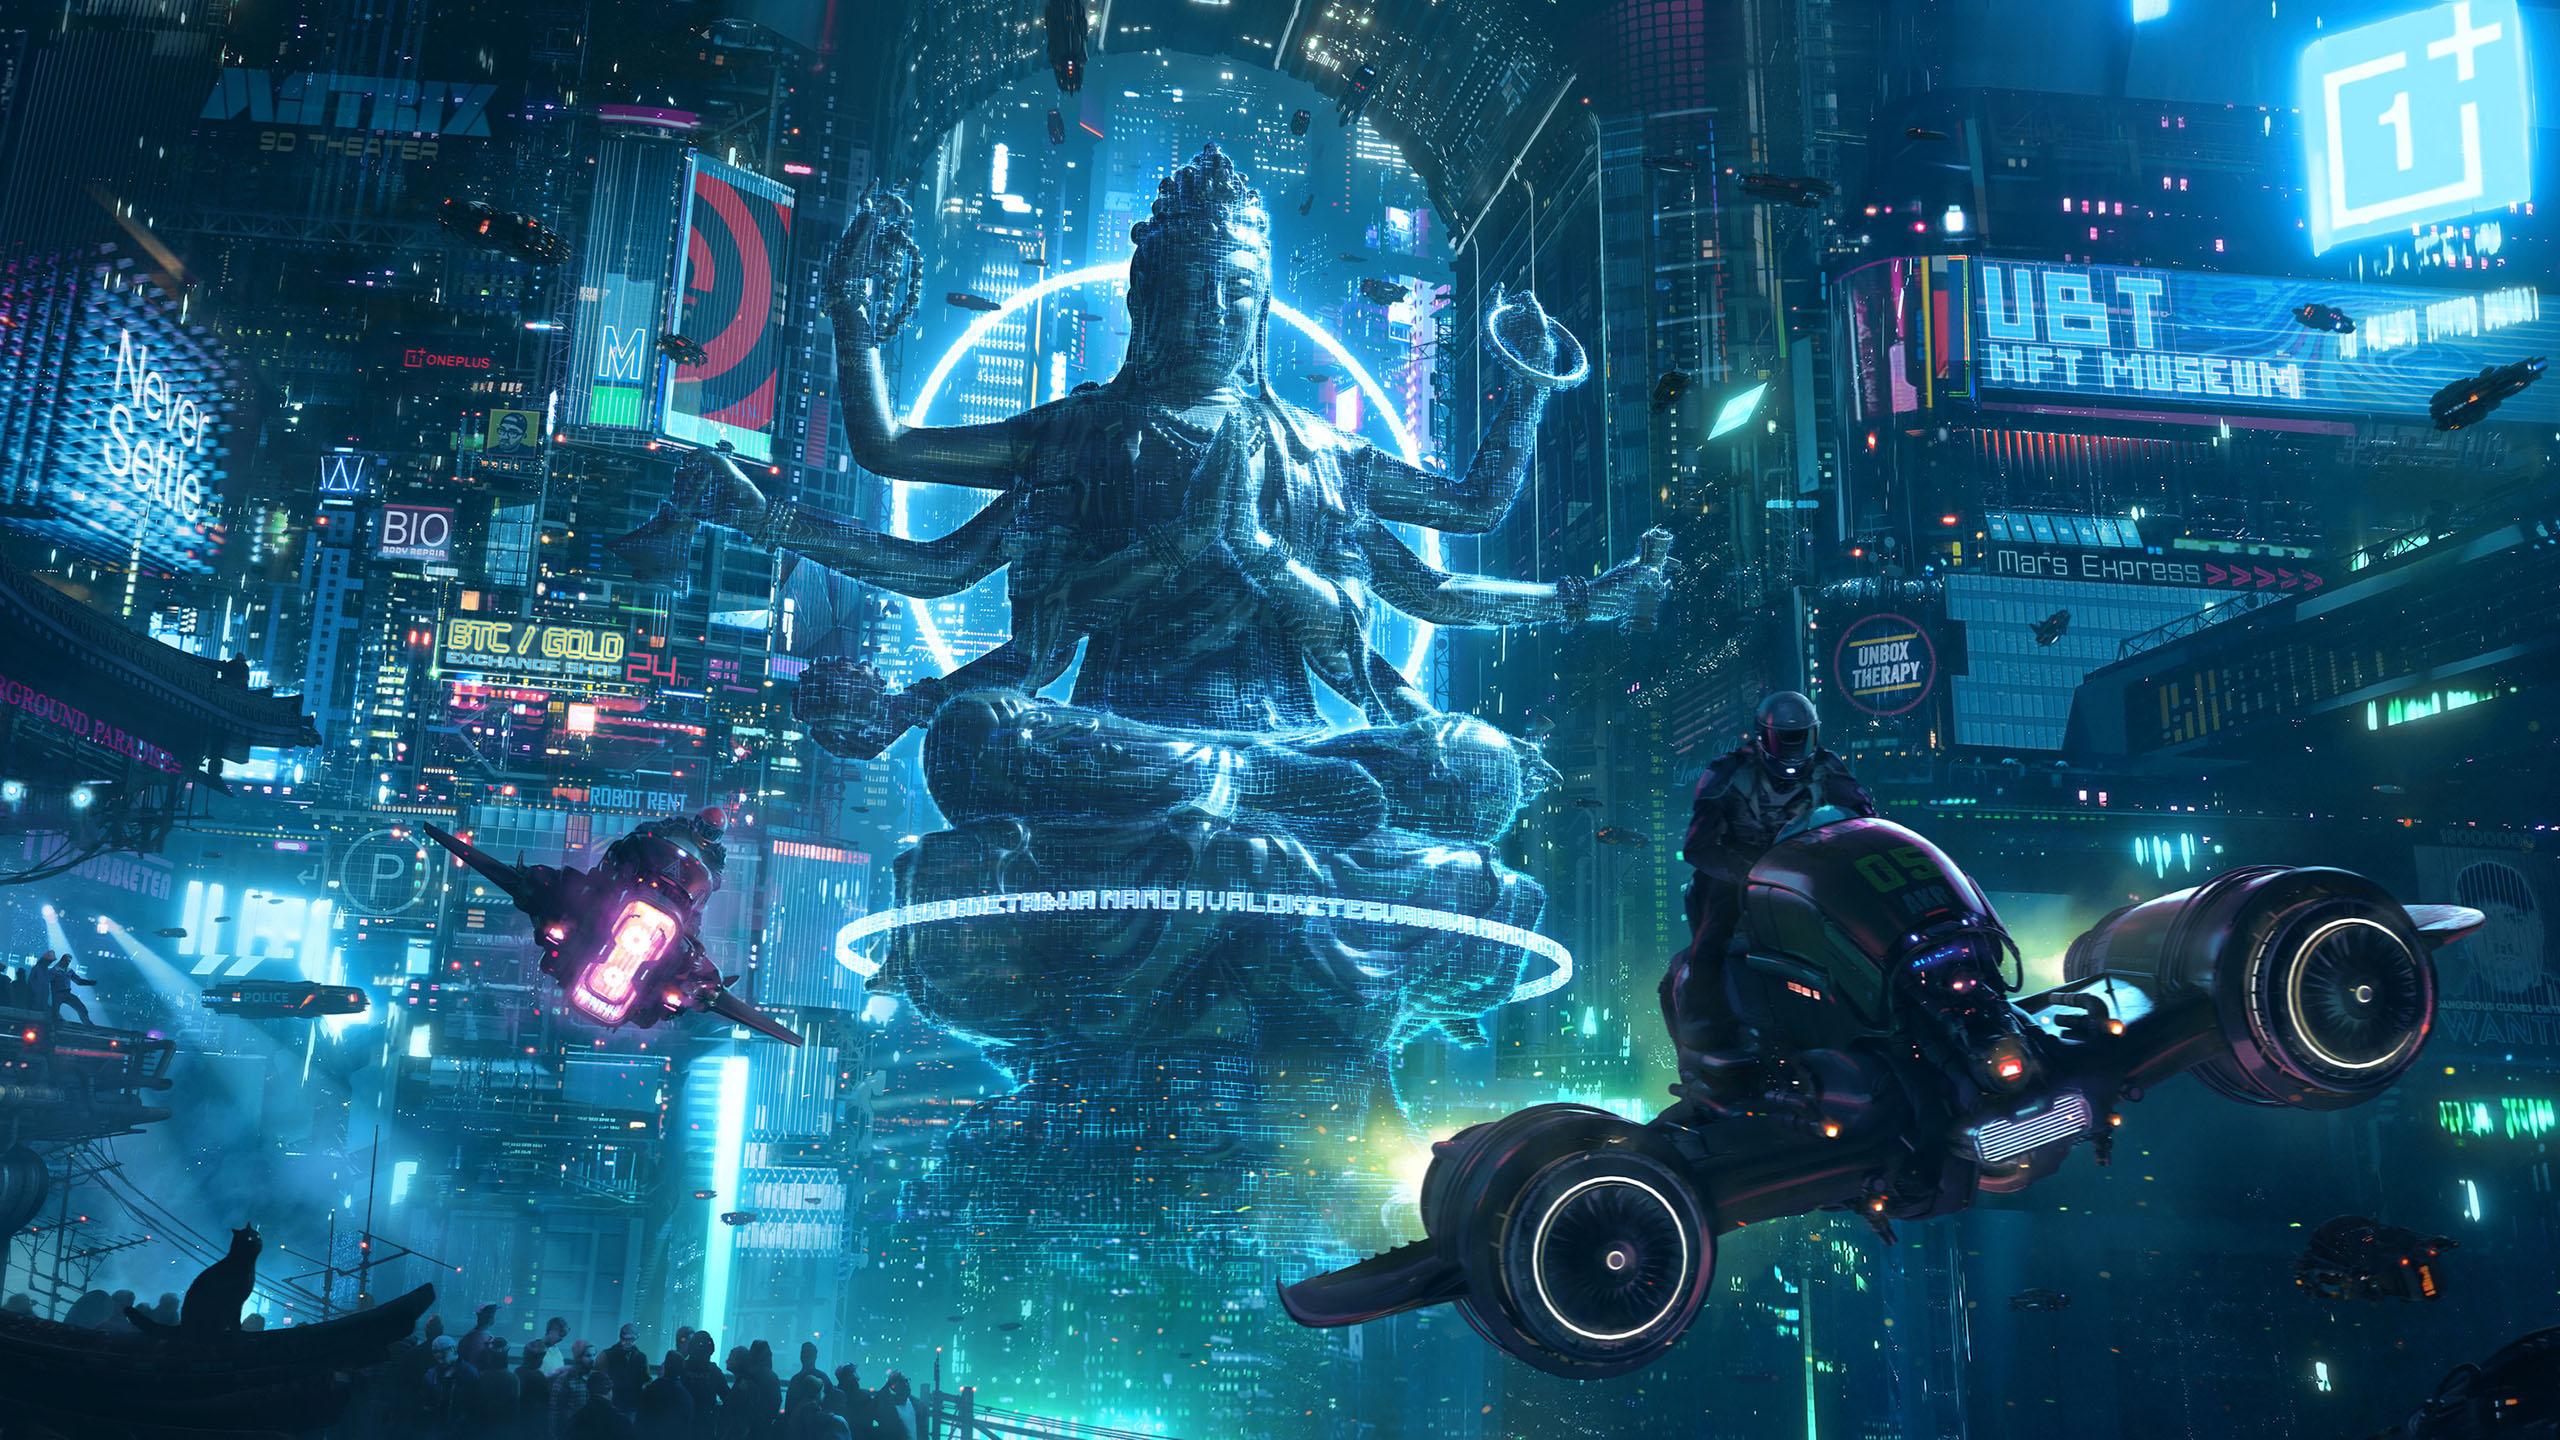 游戏壁纸,主机游戏,赛博朋克,未来城市,飞艇